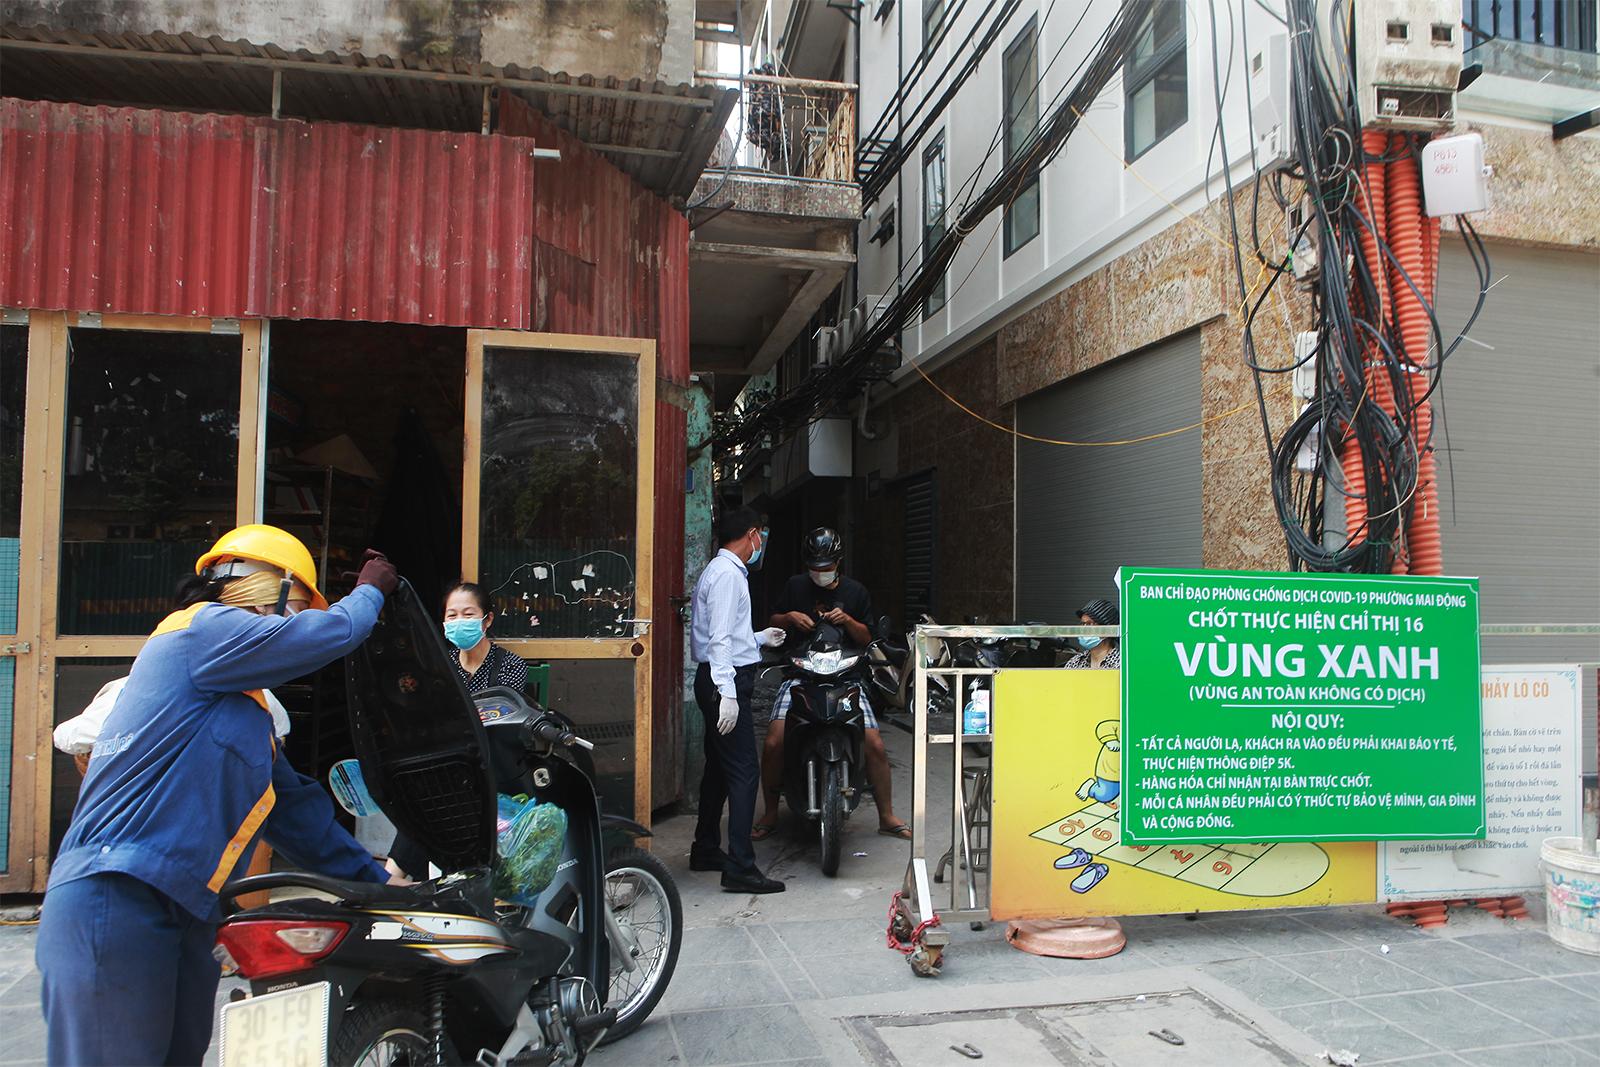 """Người dân ra vào """"vùng xanh không dịch"""" ở Hà Nội như thế nào? - 1"""